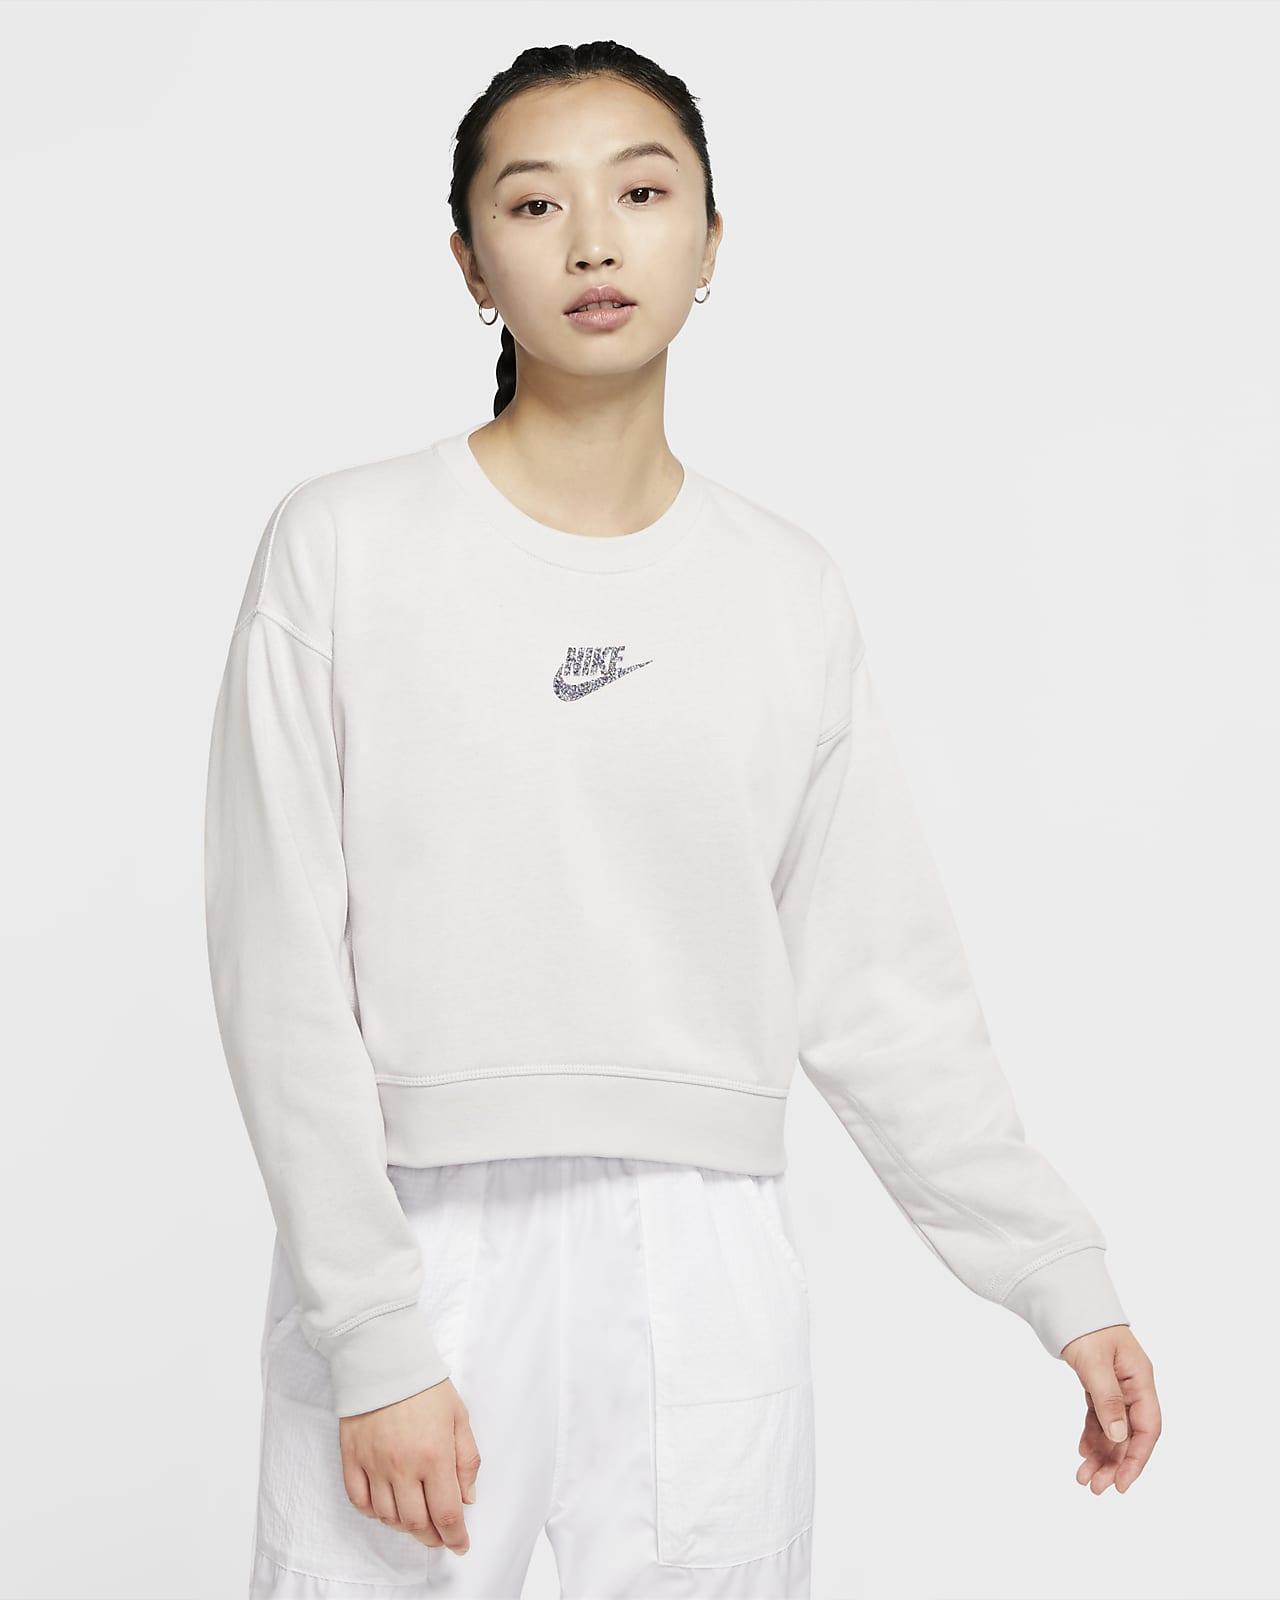 Nike Sportswear 女子圆领上衣